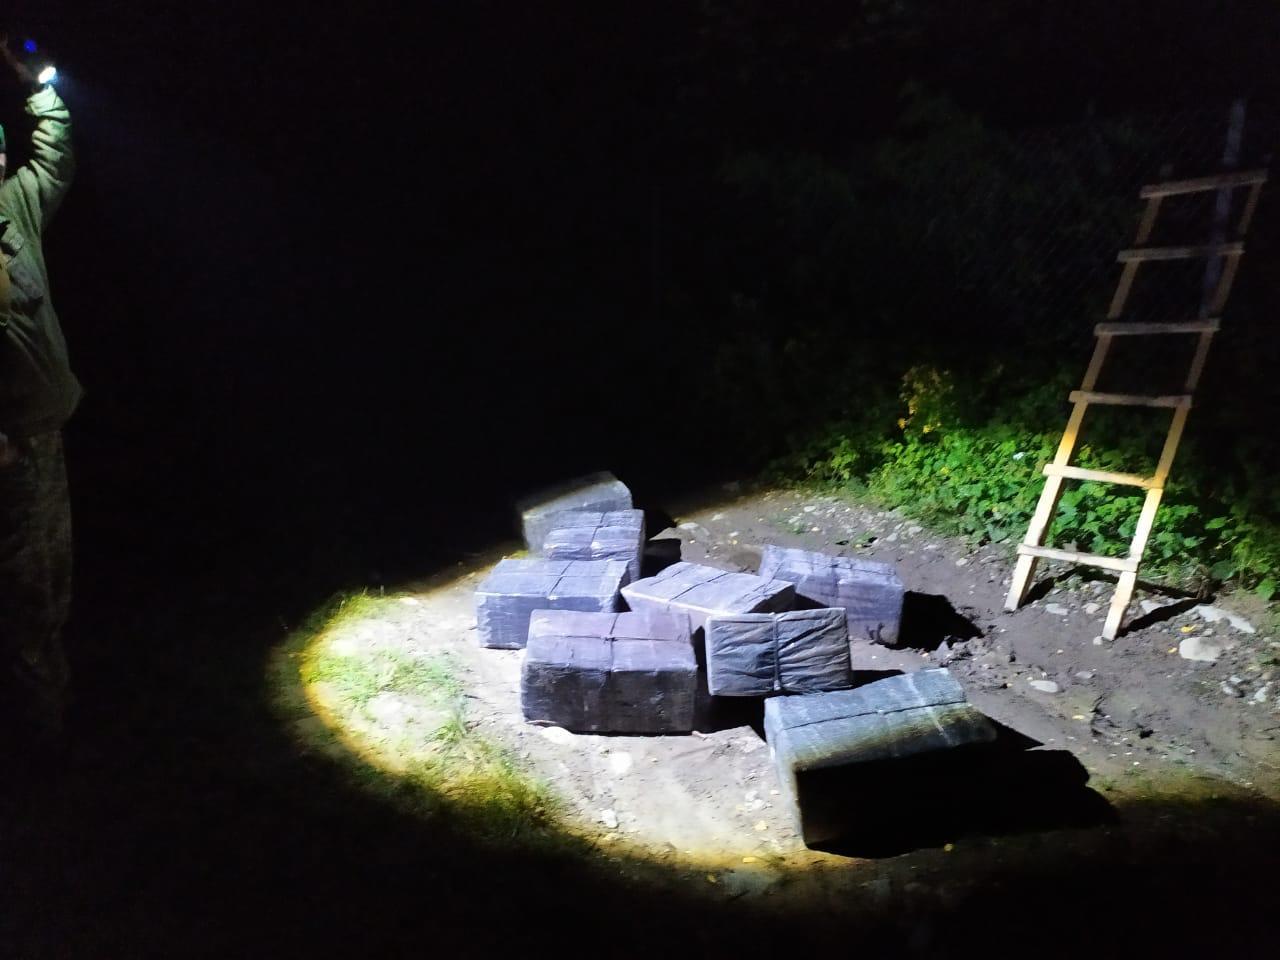 Закарпатські прикордонники сполохали контрабандистів, які збиралися переправити сигарети через кордон за допомогою драбини